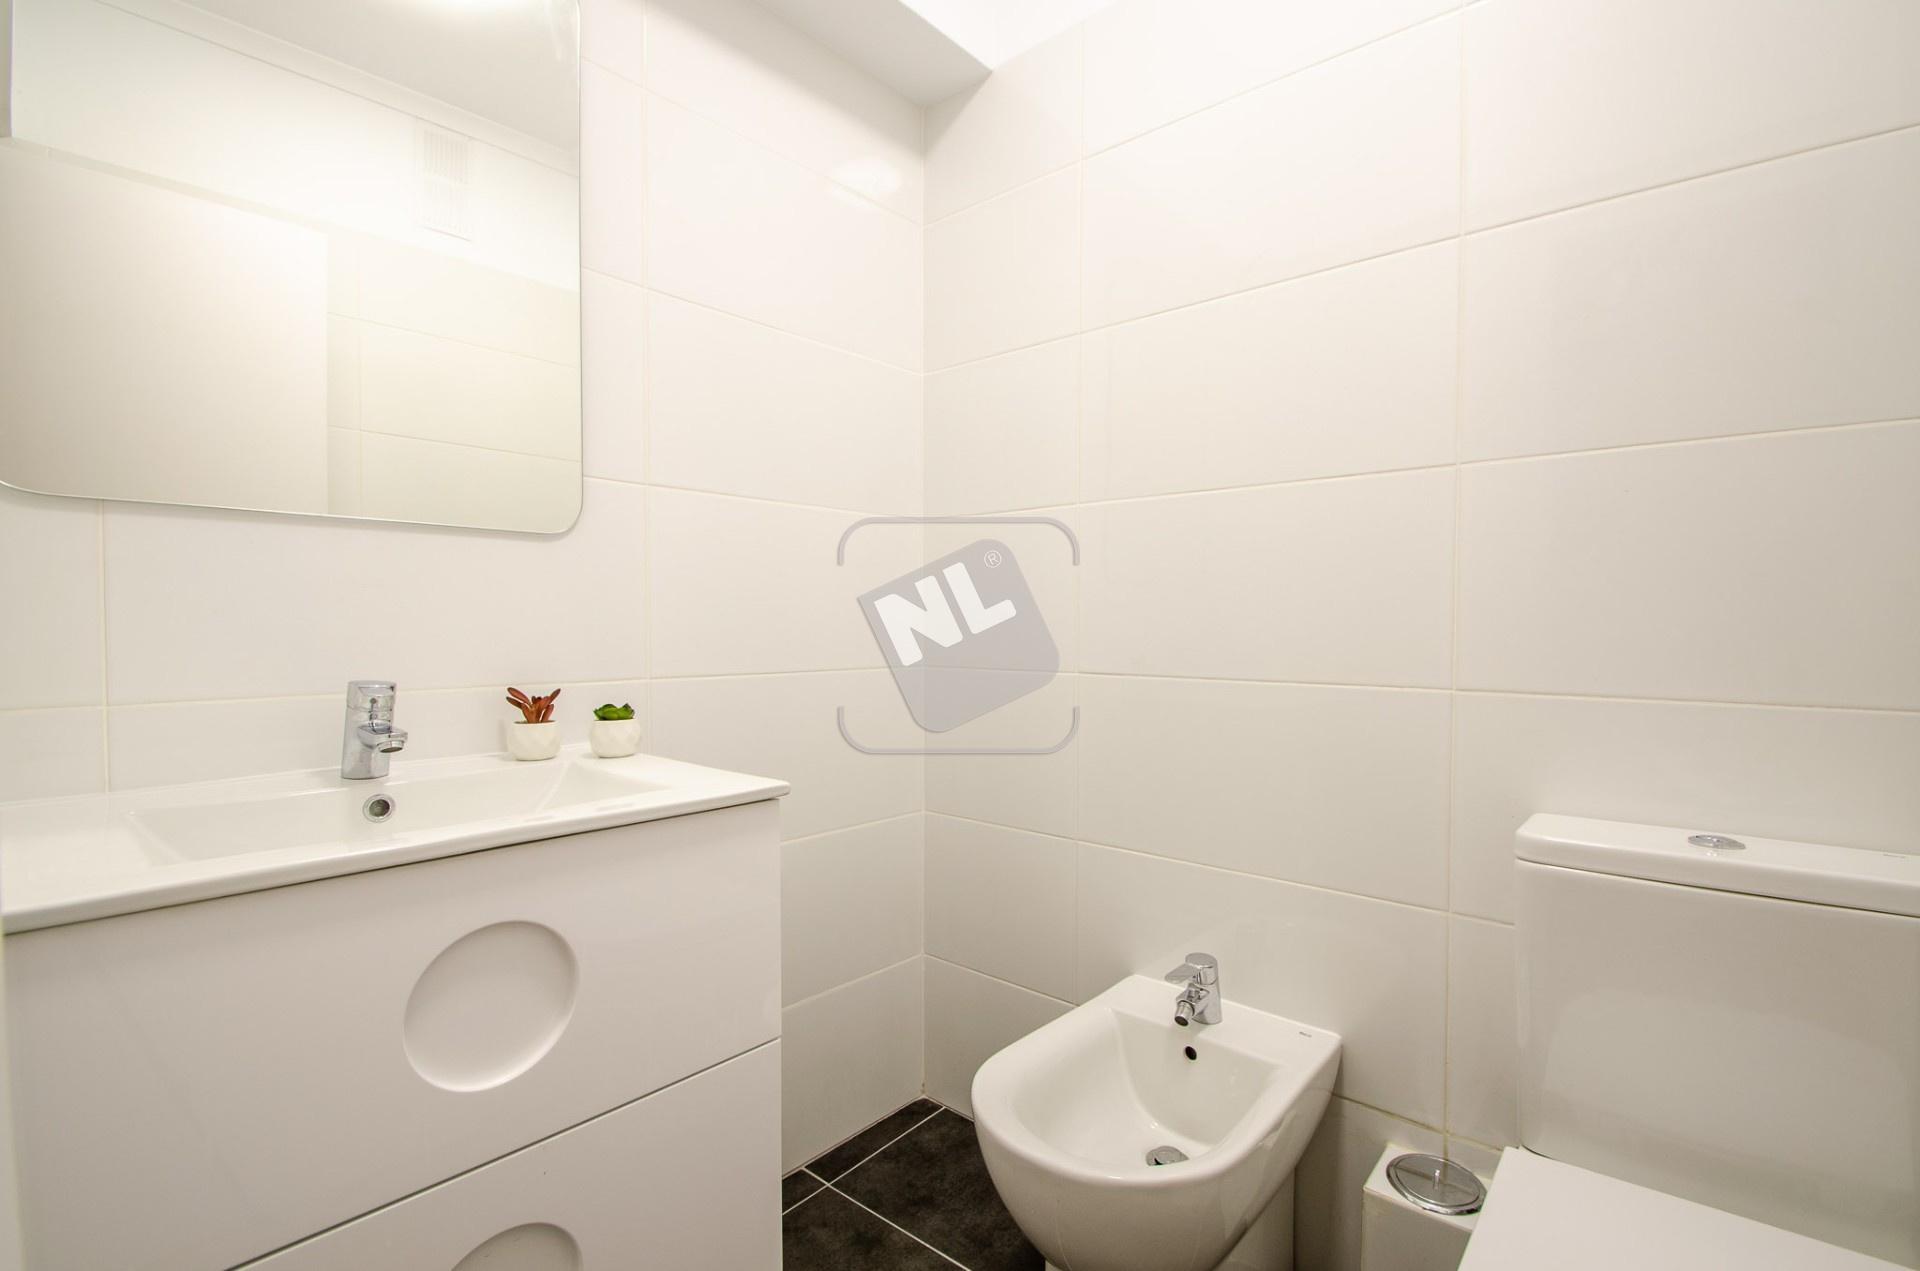 WC A1